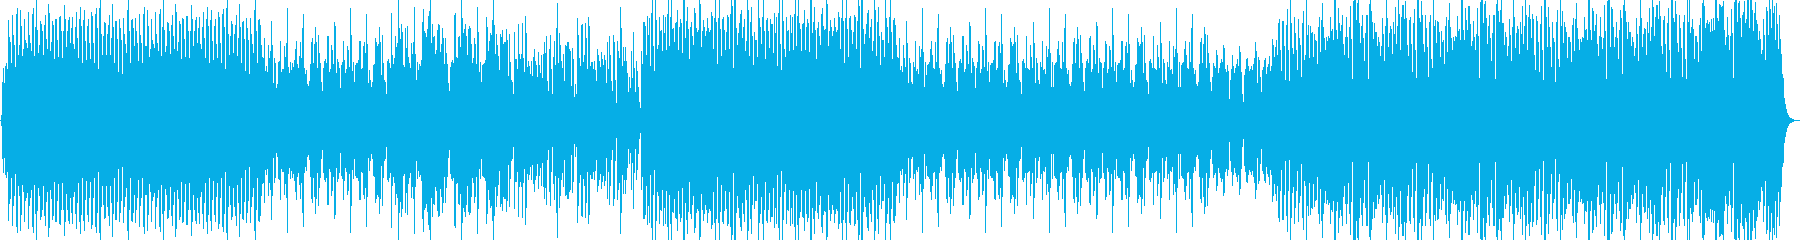 鉄琴の旋律が印象的なサウンドトラックの再生済みの波形